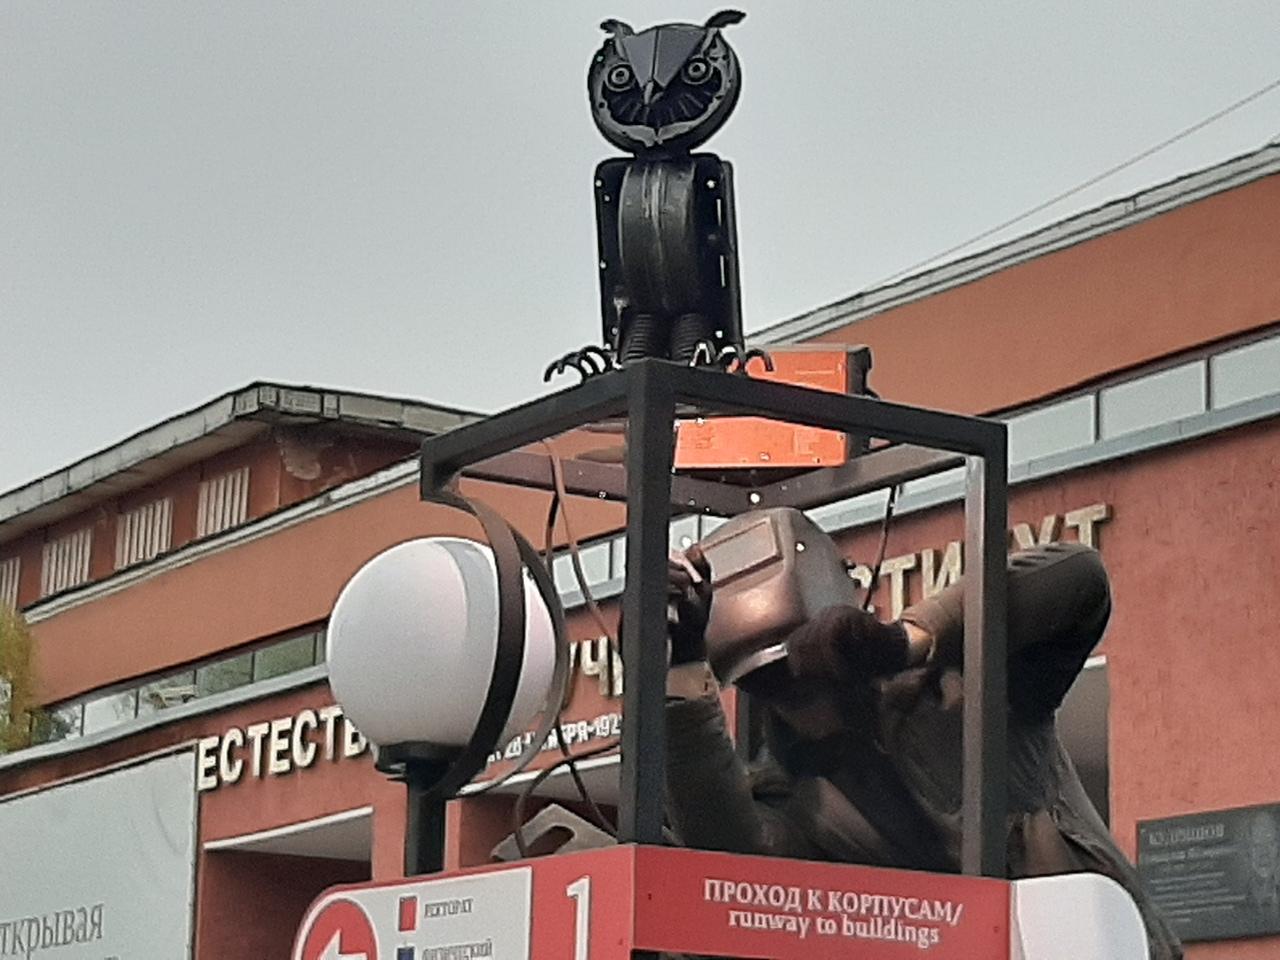 Установка совы. Чтобы ее установить прочно, скульптуру пришлось приварить